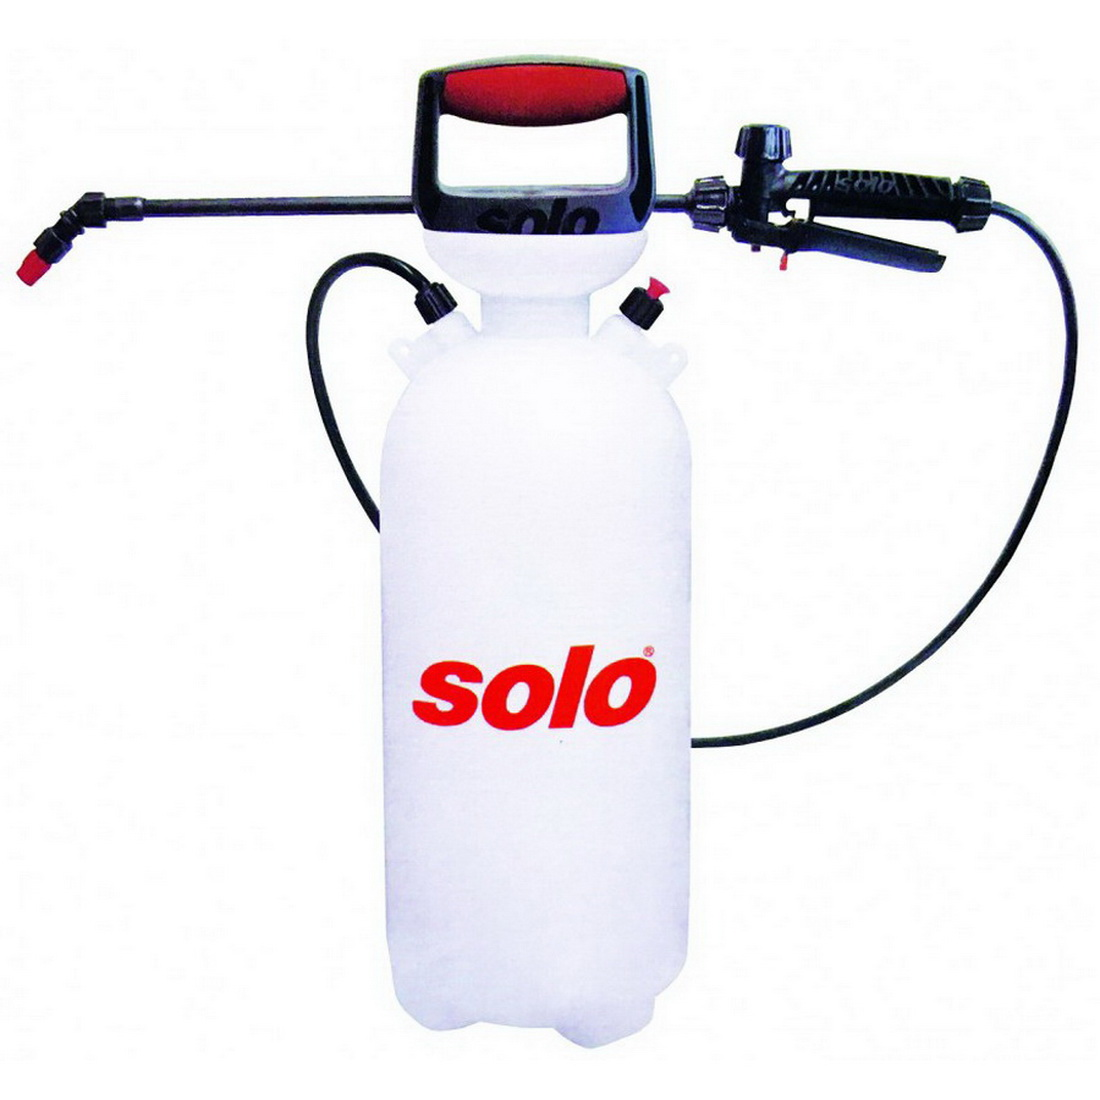 Solo Classic Manual Entry Level Pressure Sprayer 8 L 468